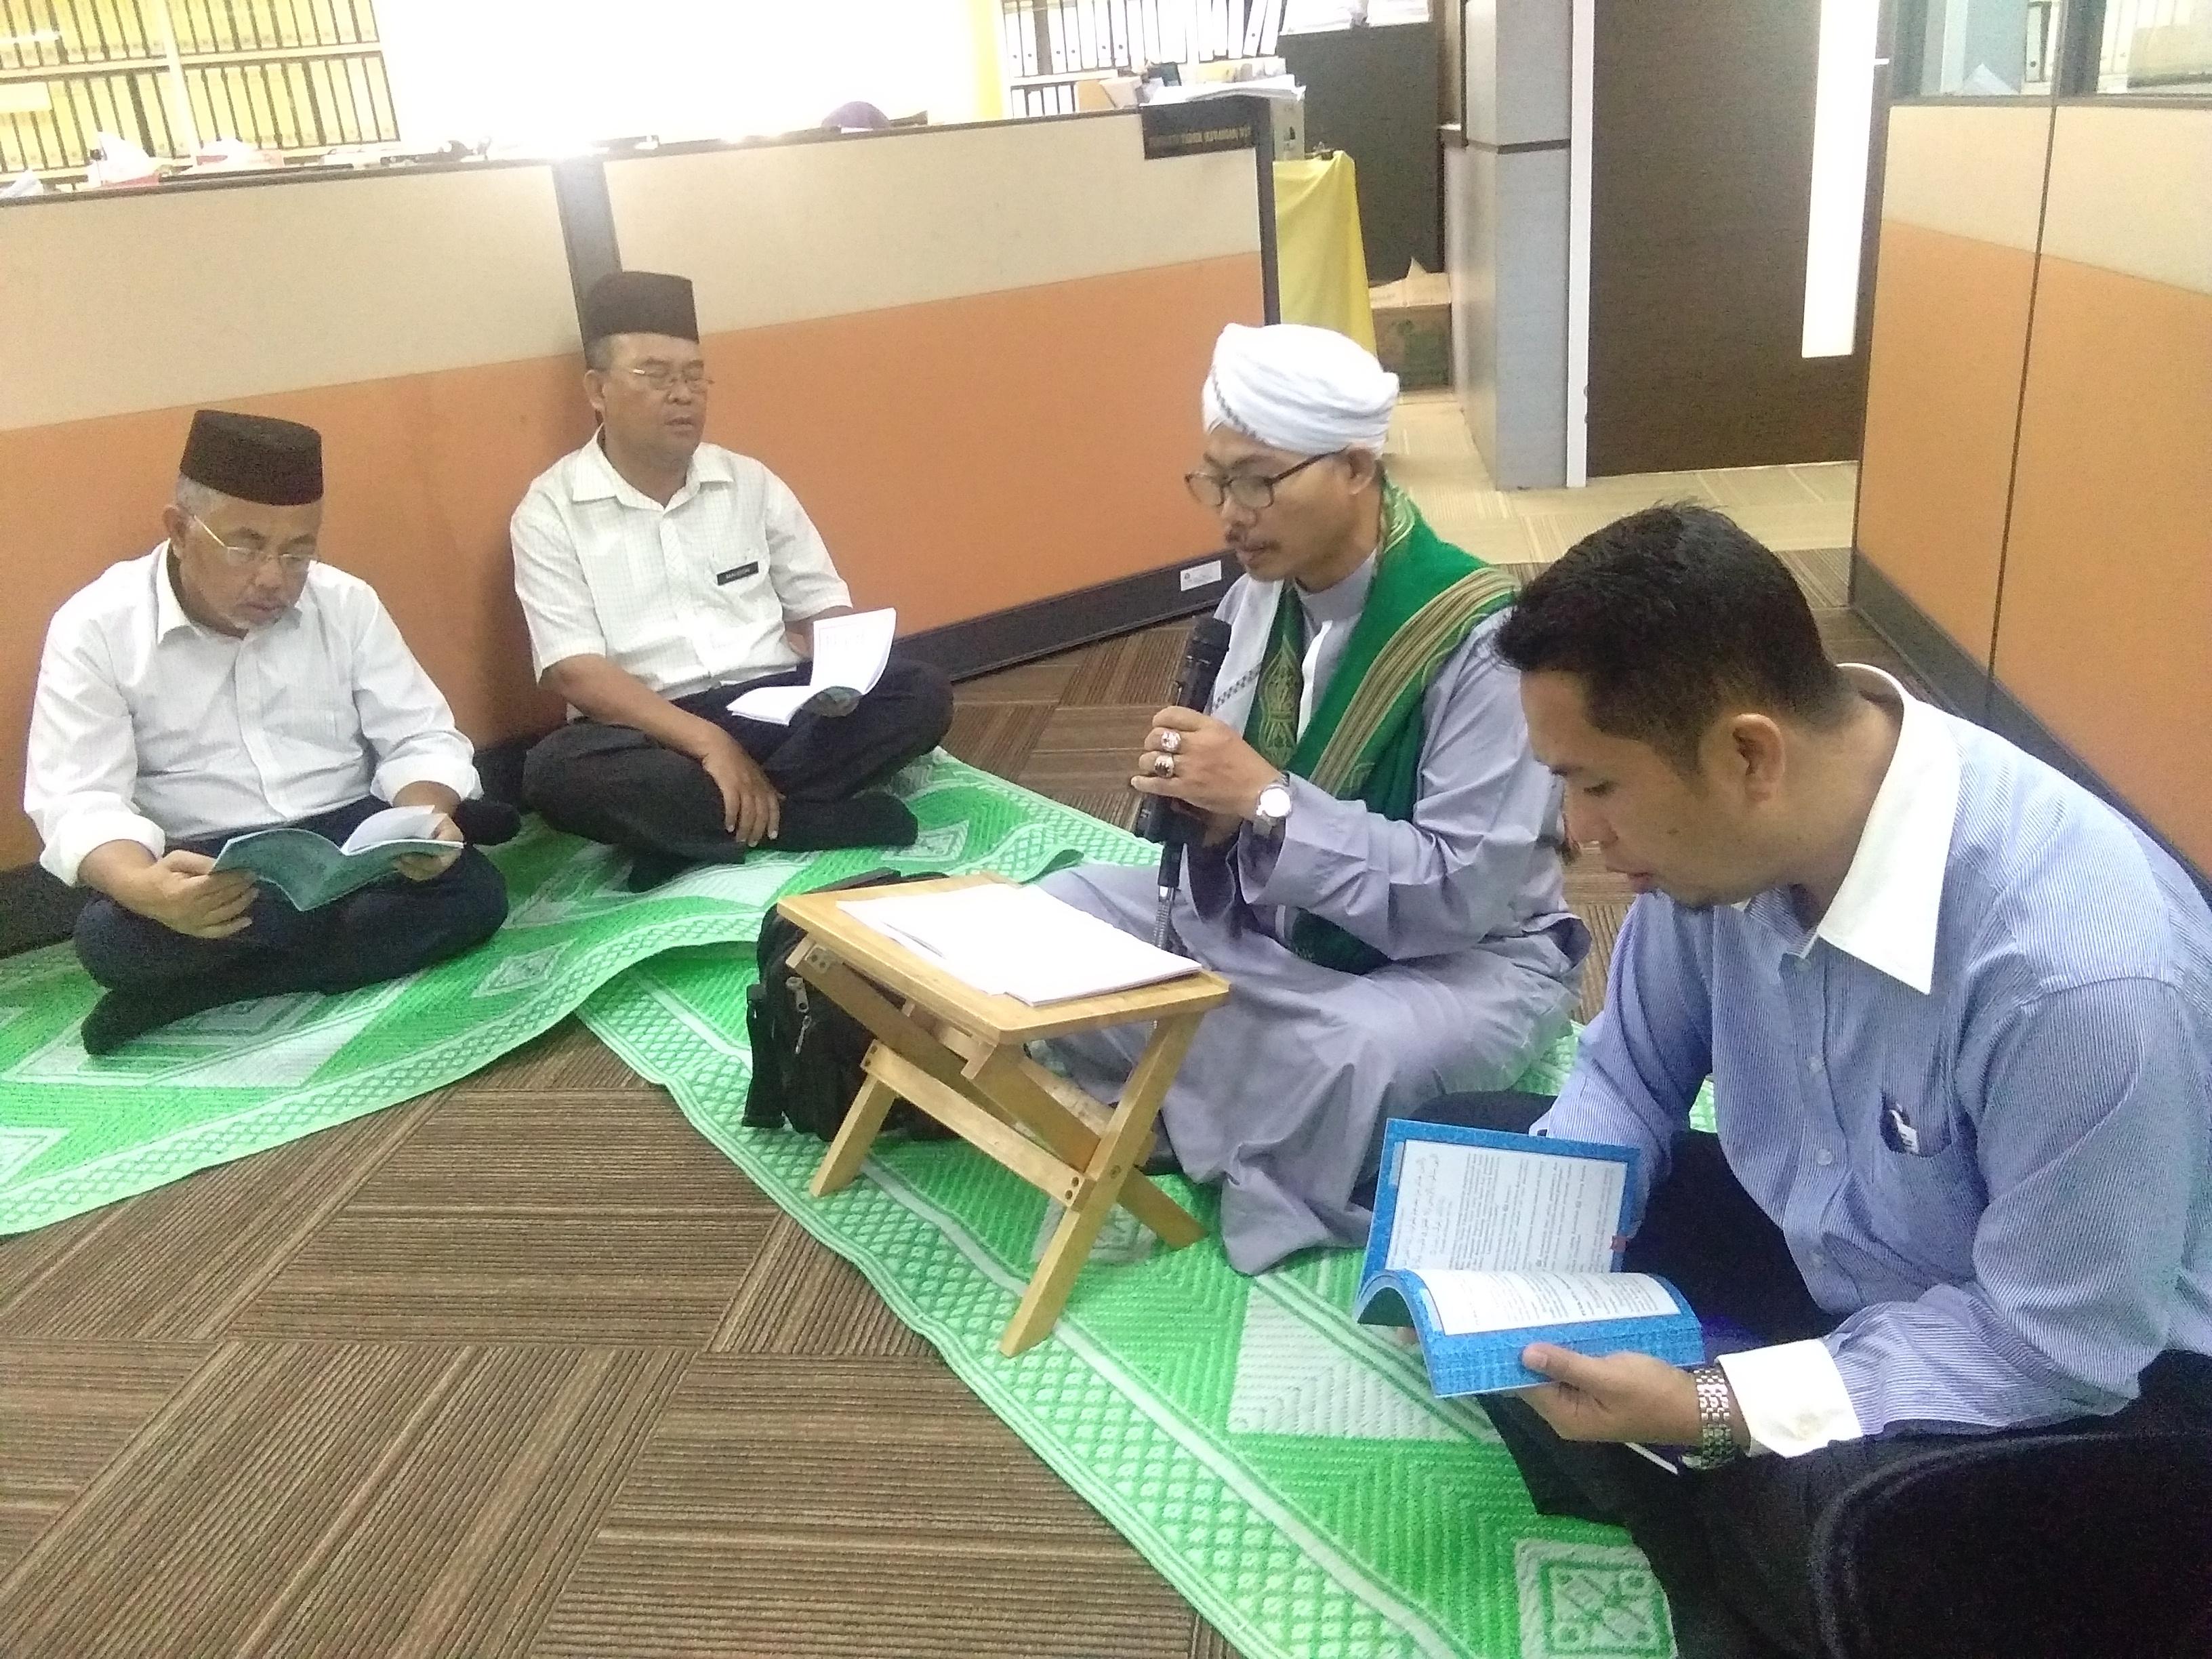 Majlis Asma Ul-Husna dan Majlis Tahlil sempena menyambut Ramadhan 1439H Bahagian Khidmat Pengurusan Jabatan Agama Islam Negeri Johor pada 15 Mei 2018